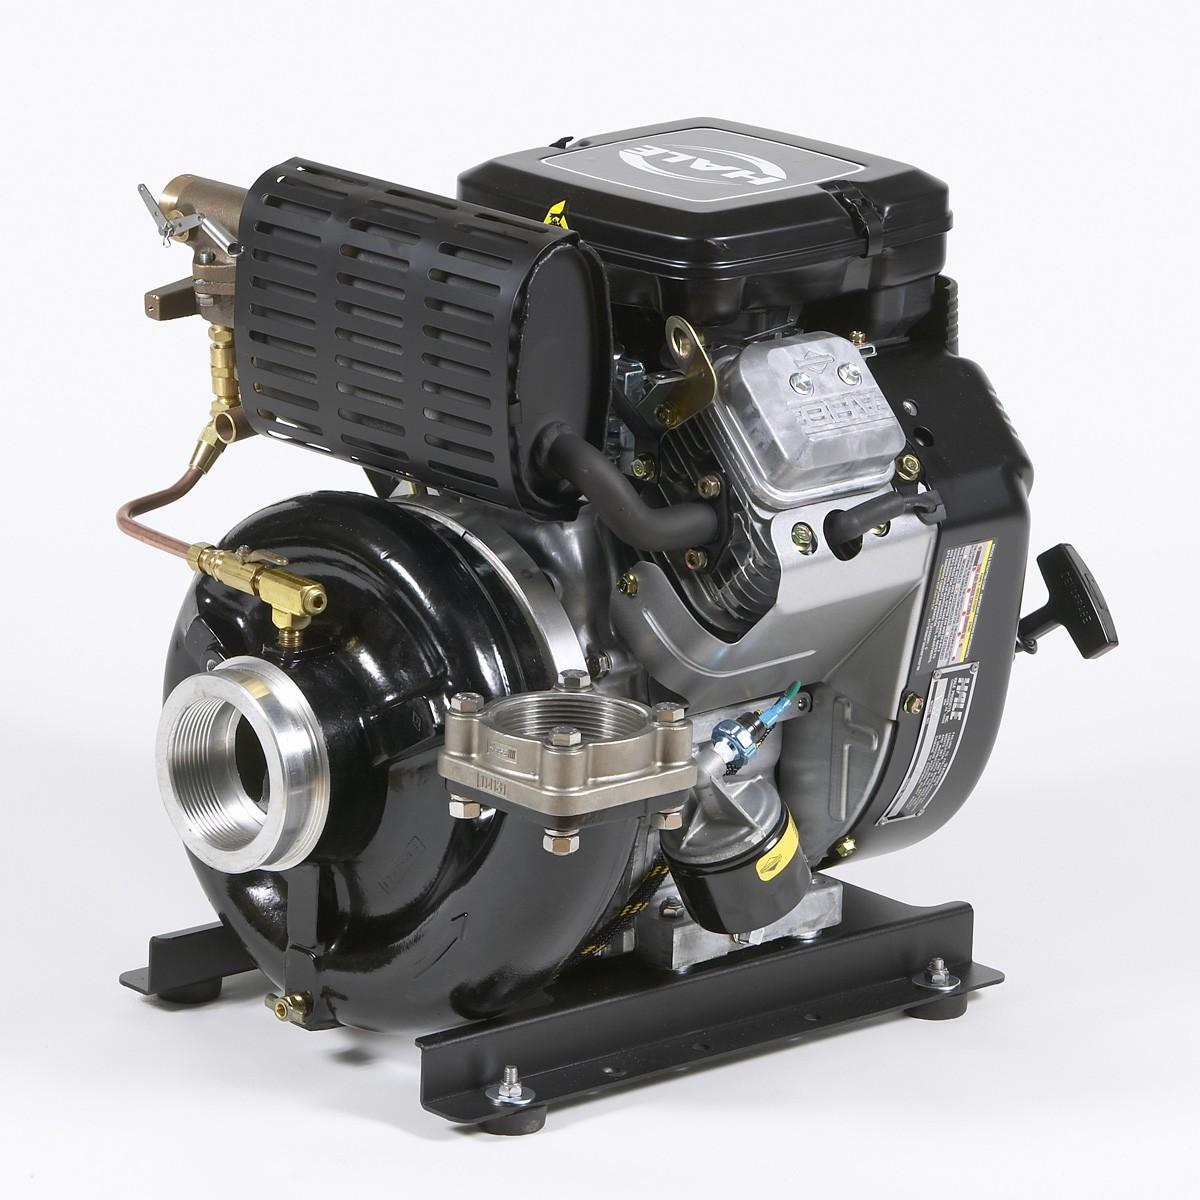 powerflow hpx300 b18 high flow pump hale products toro mower wiring diagram powerflow hpx300 b18